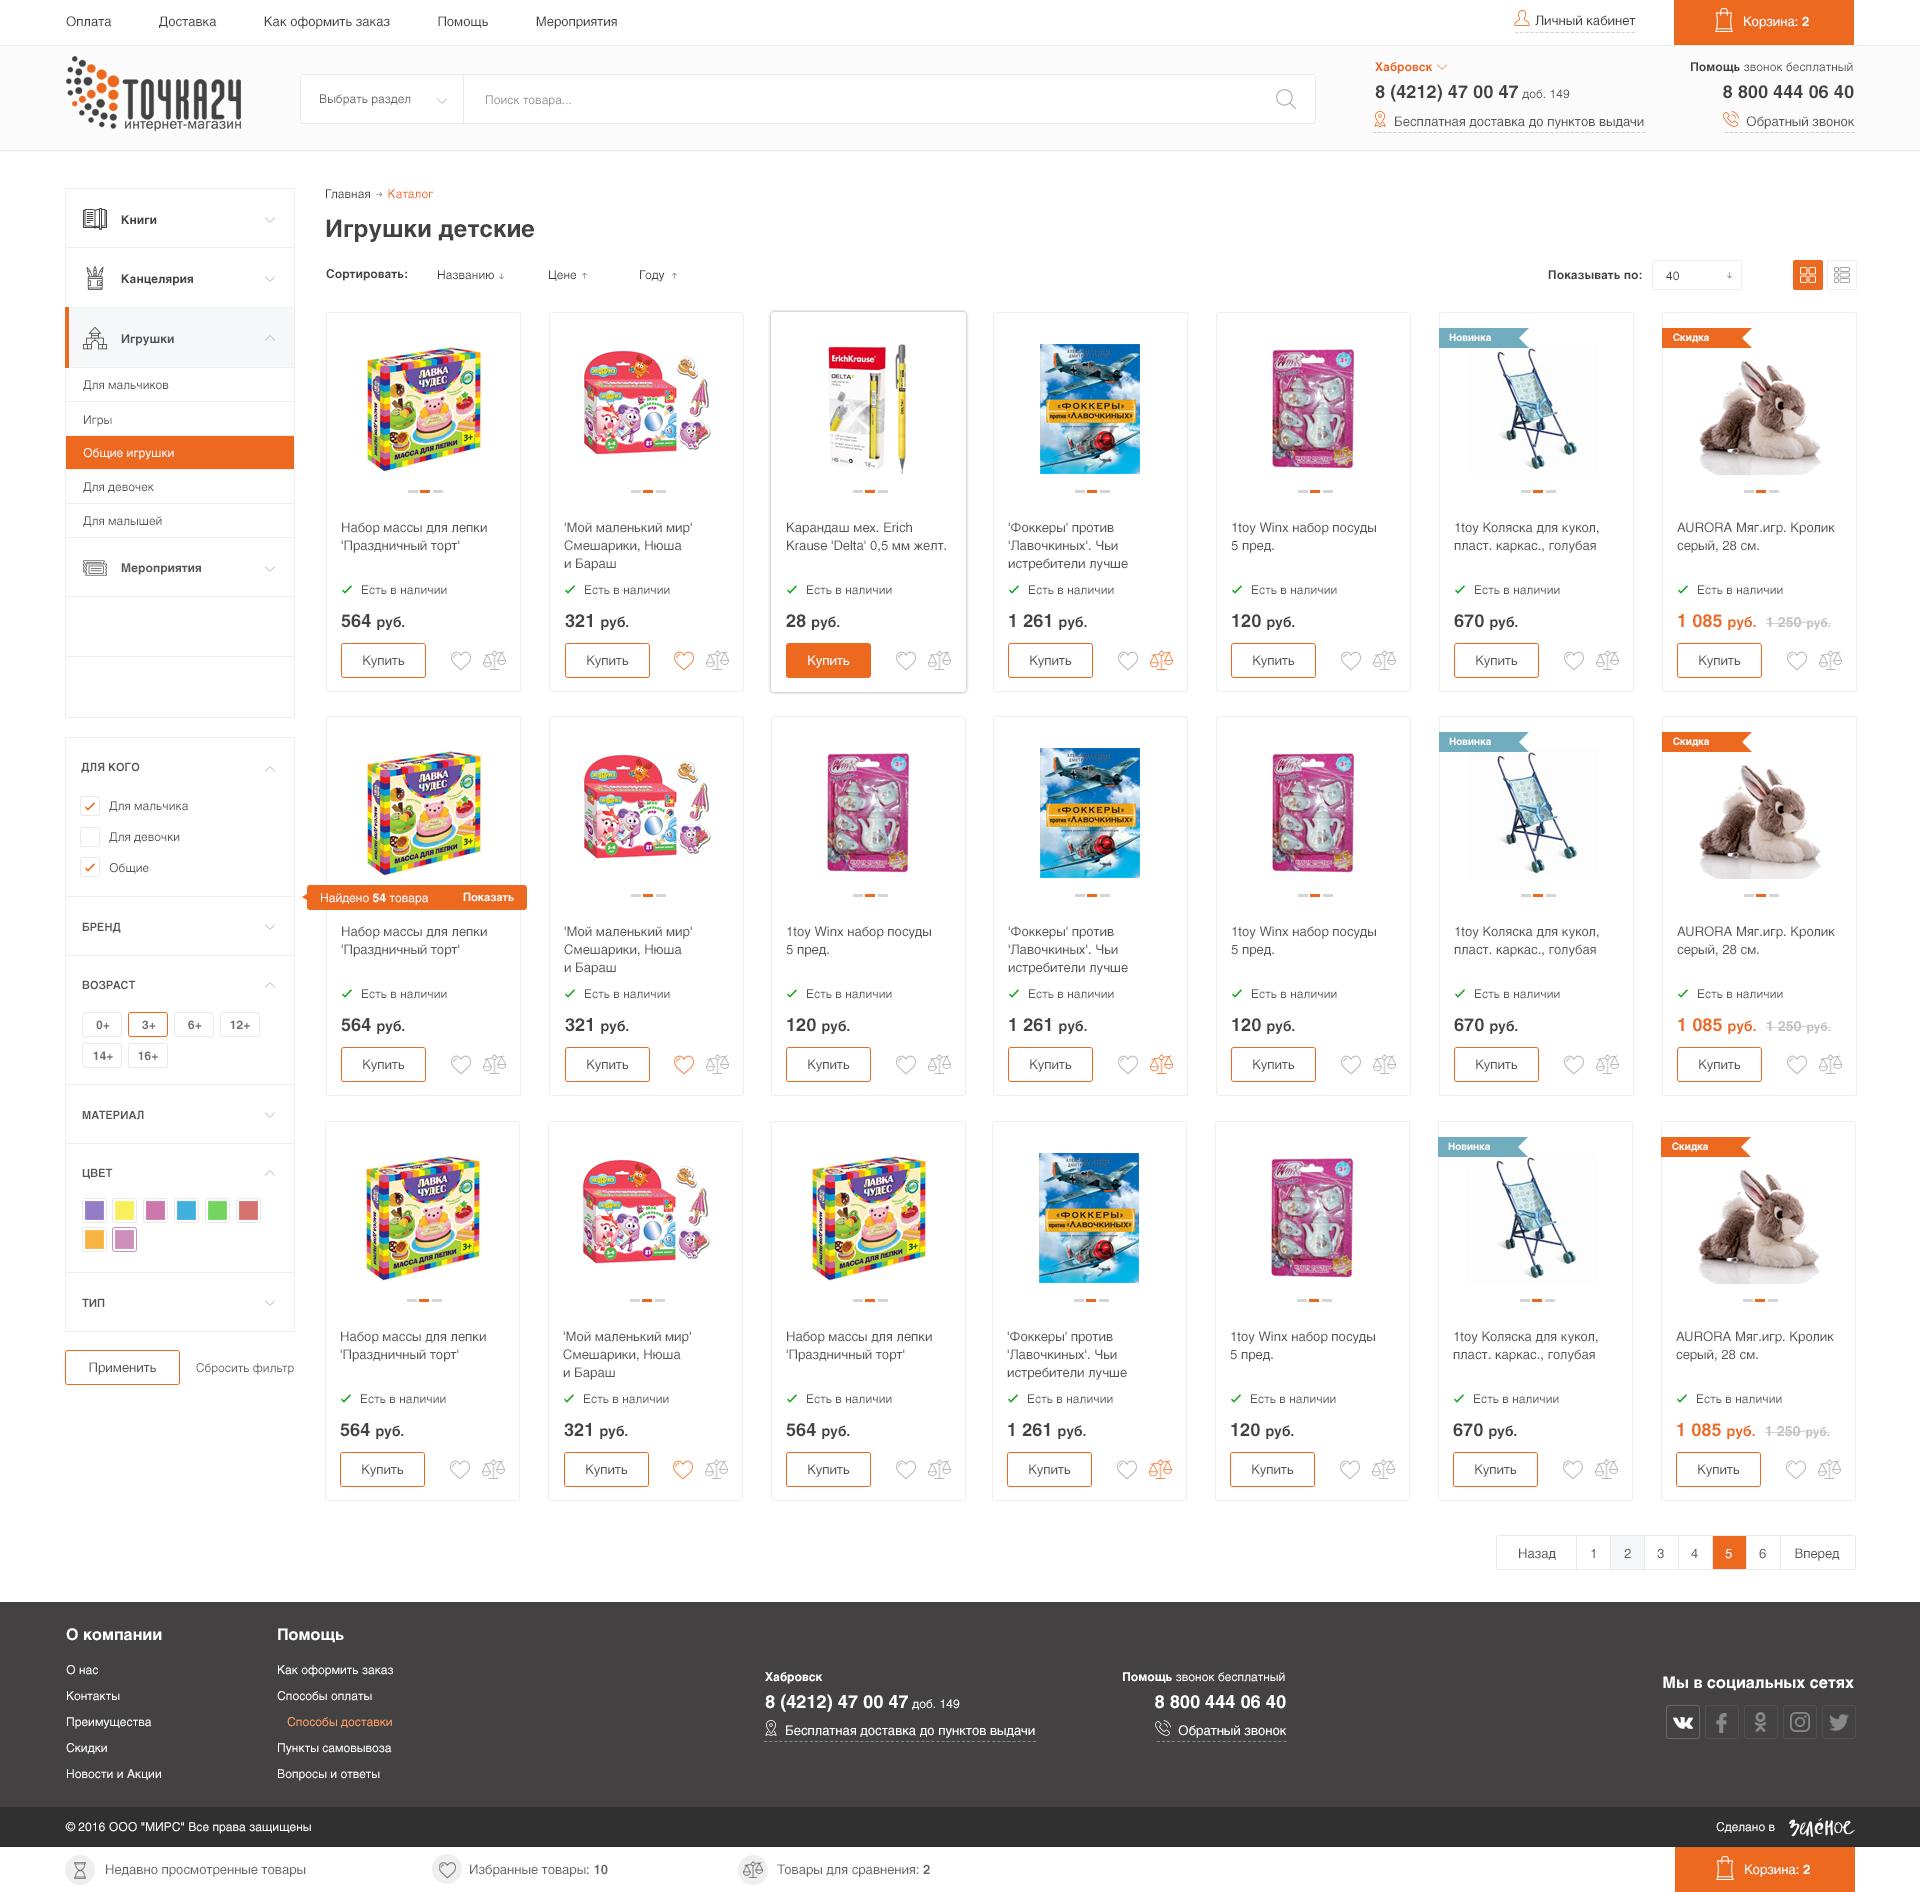 Интернет магазин книг игрушек, продажи билетов Точка24.рф